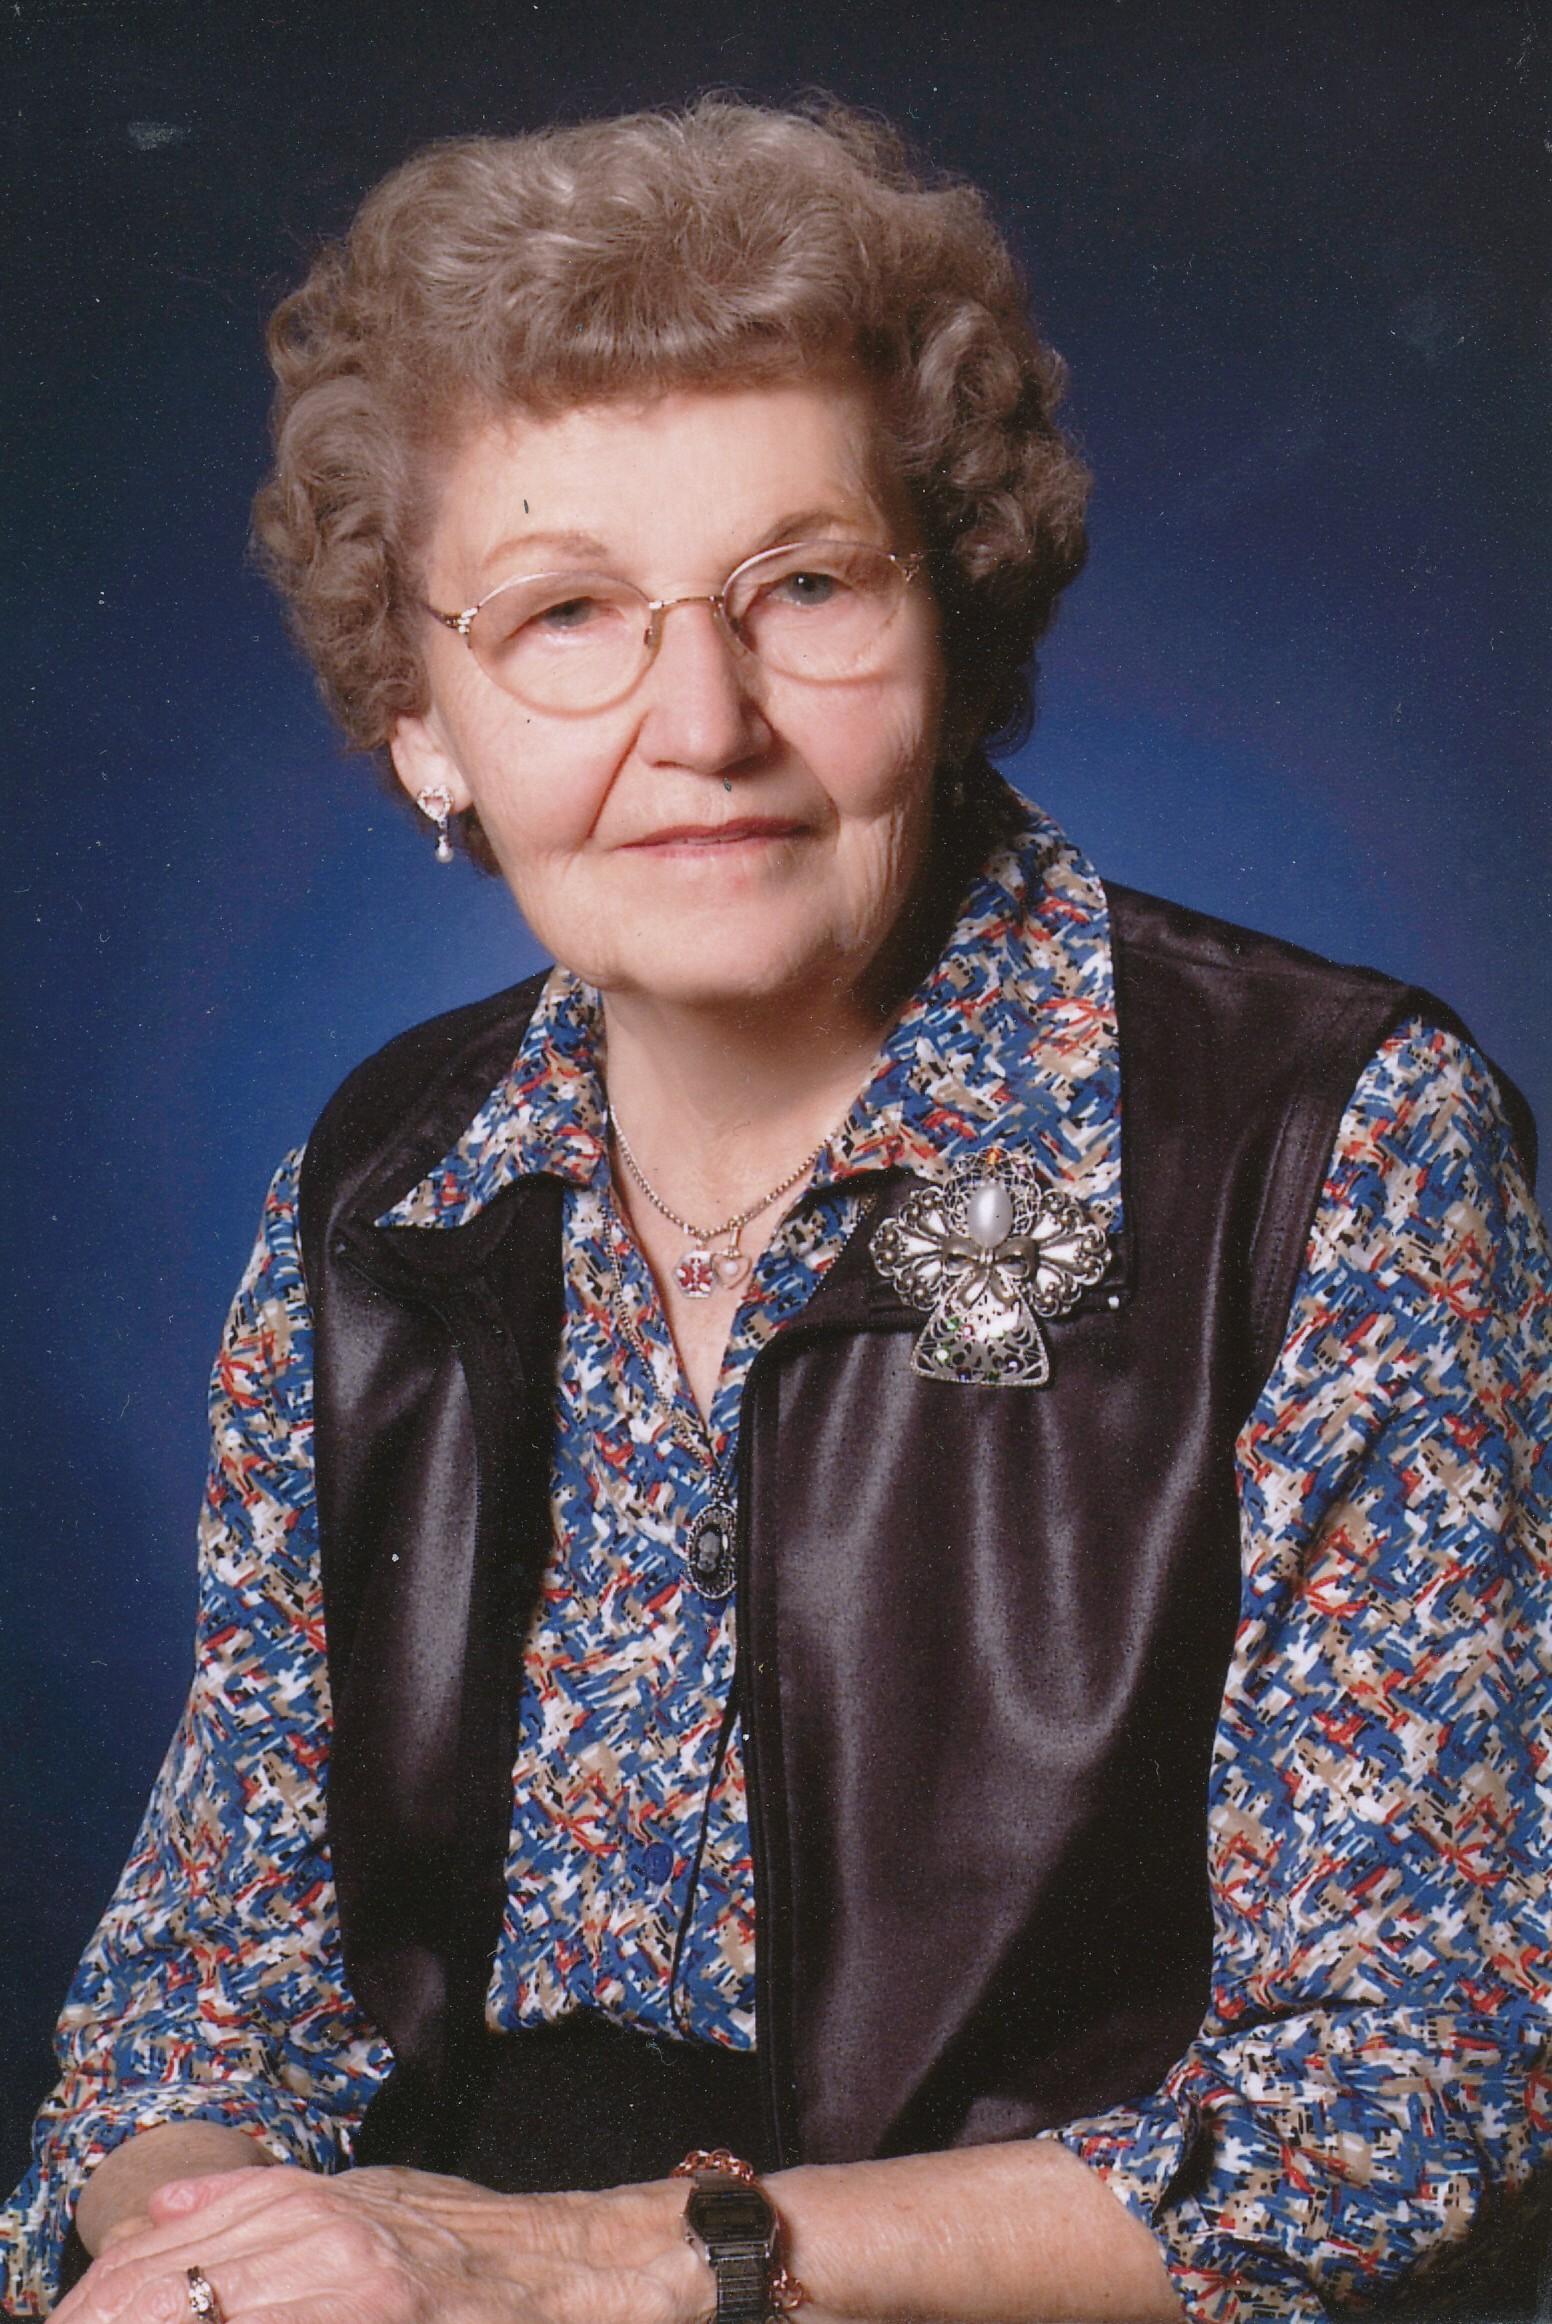 Elaine A. Nebuda, age 95, of Columbus, NE formerly of West Point, NE